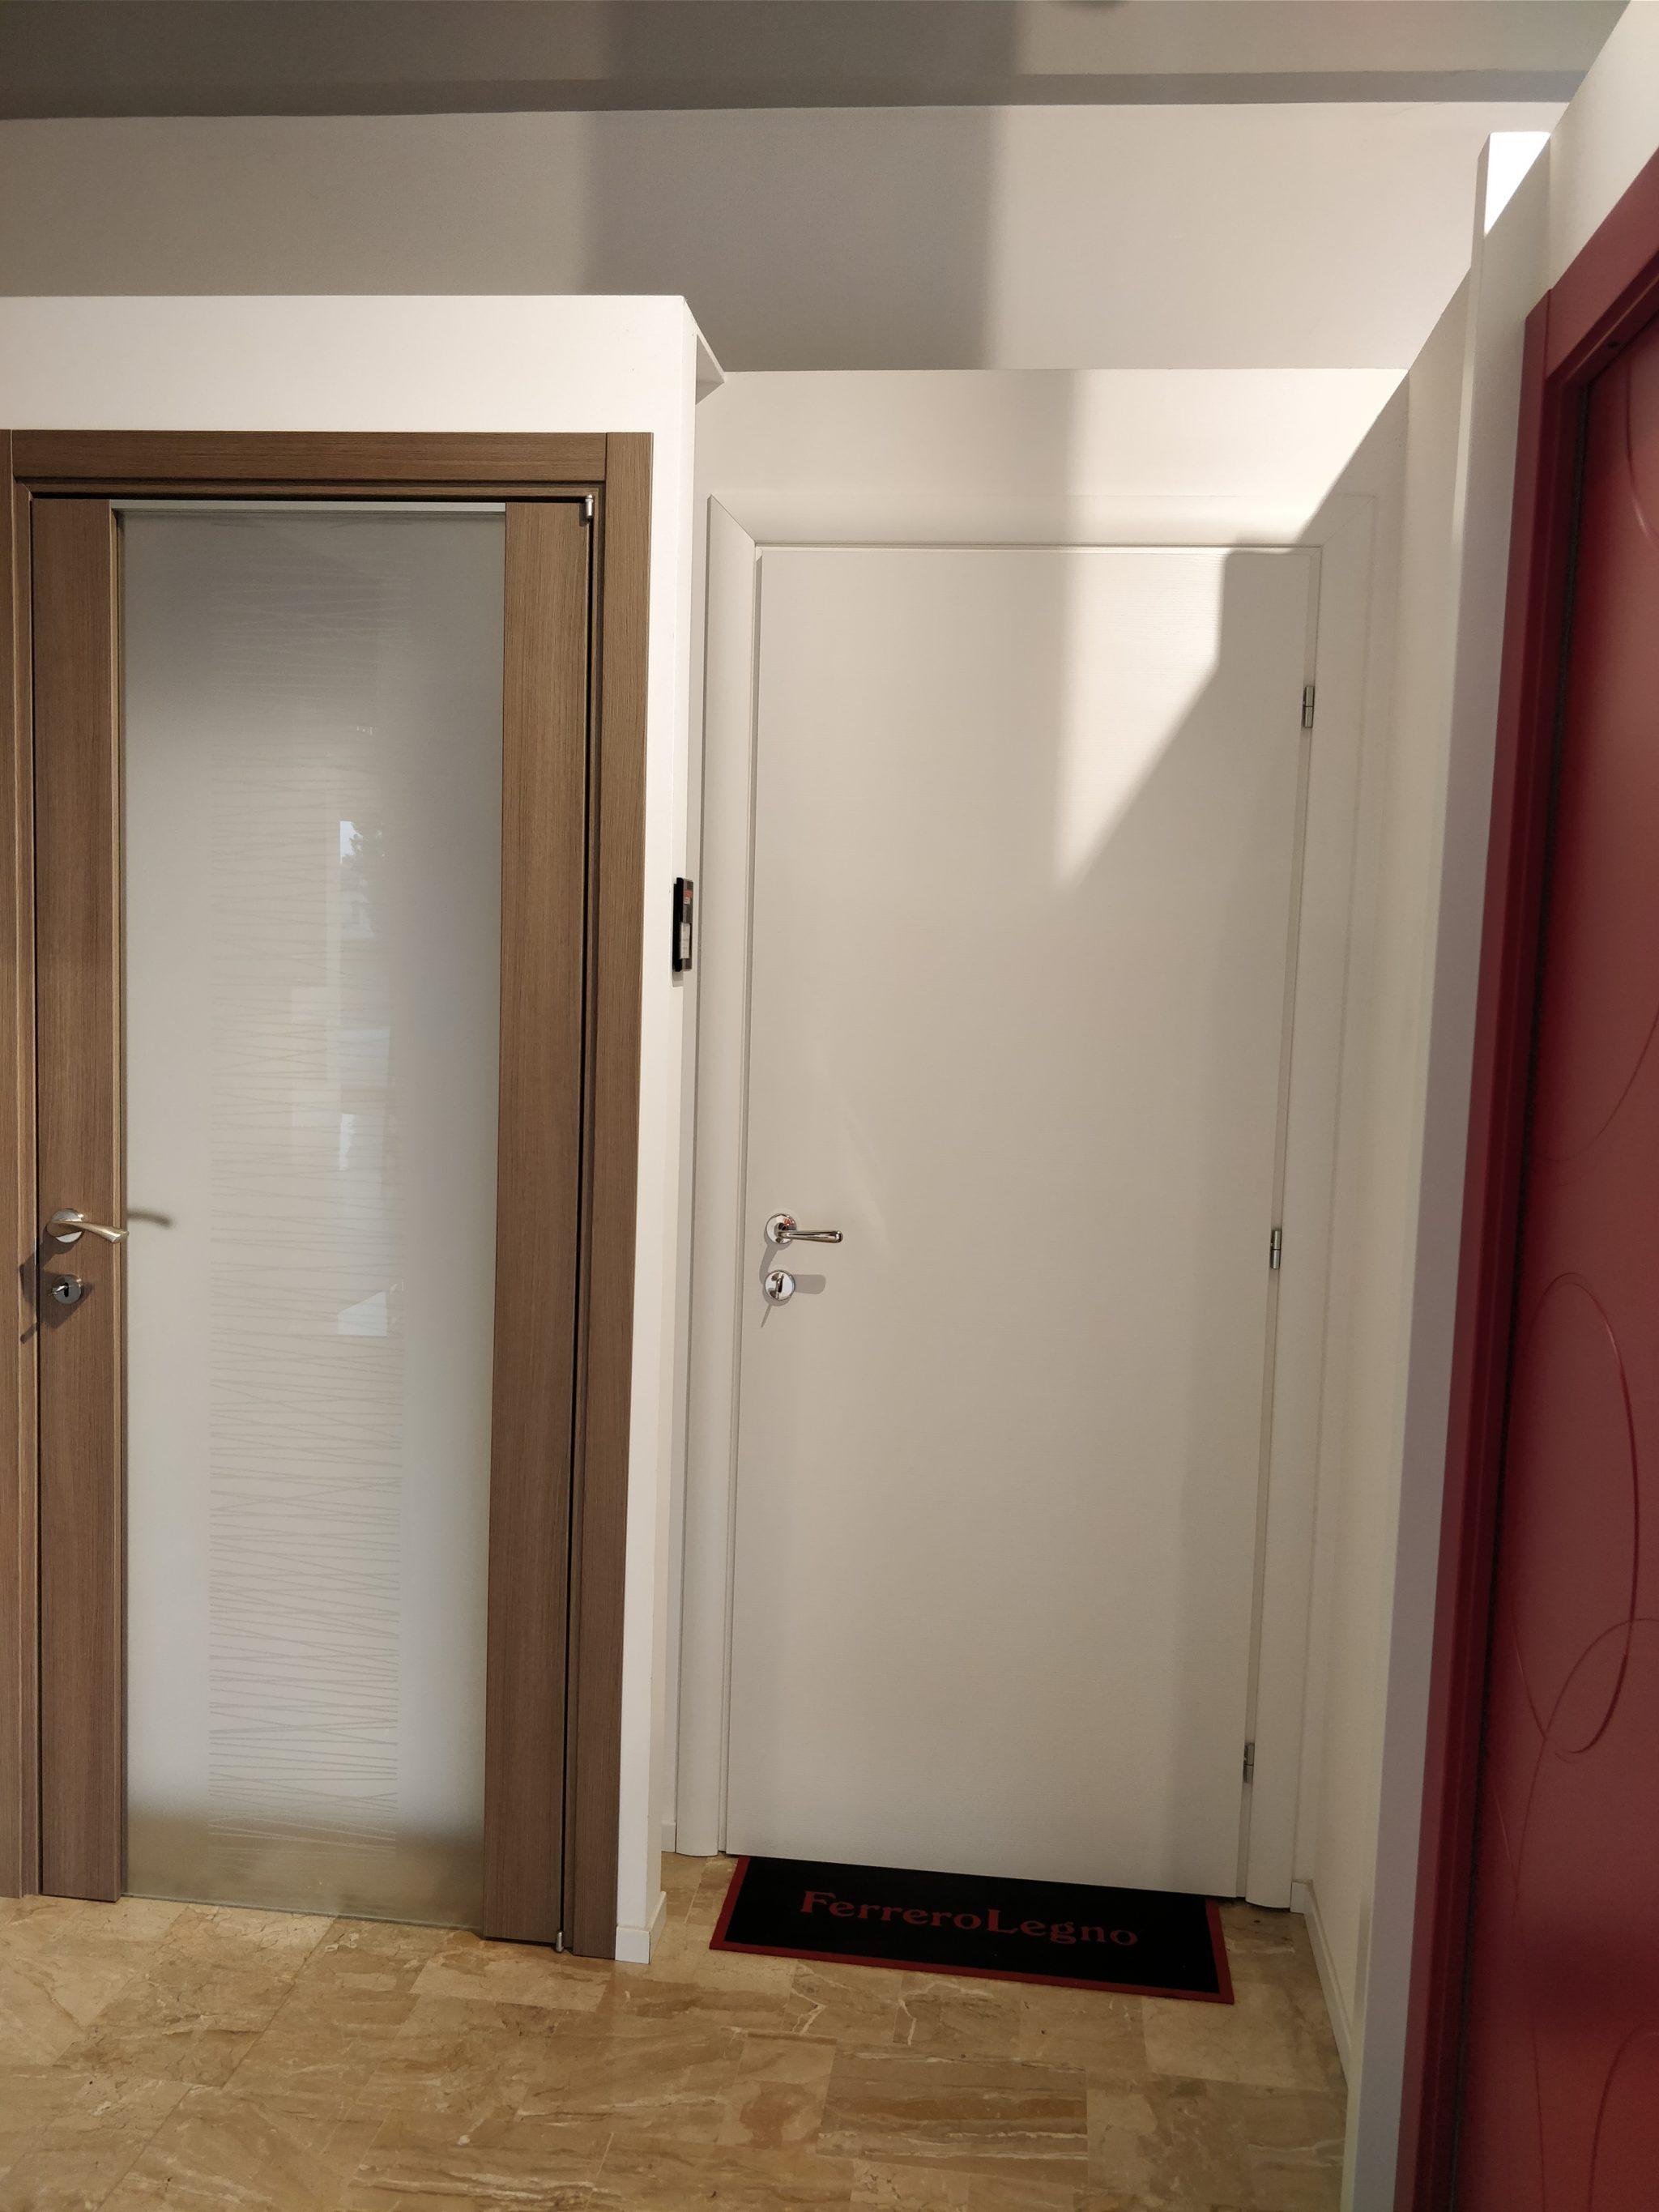 porte intene ferrero legno Tende & Serramenti